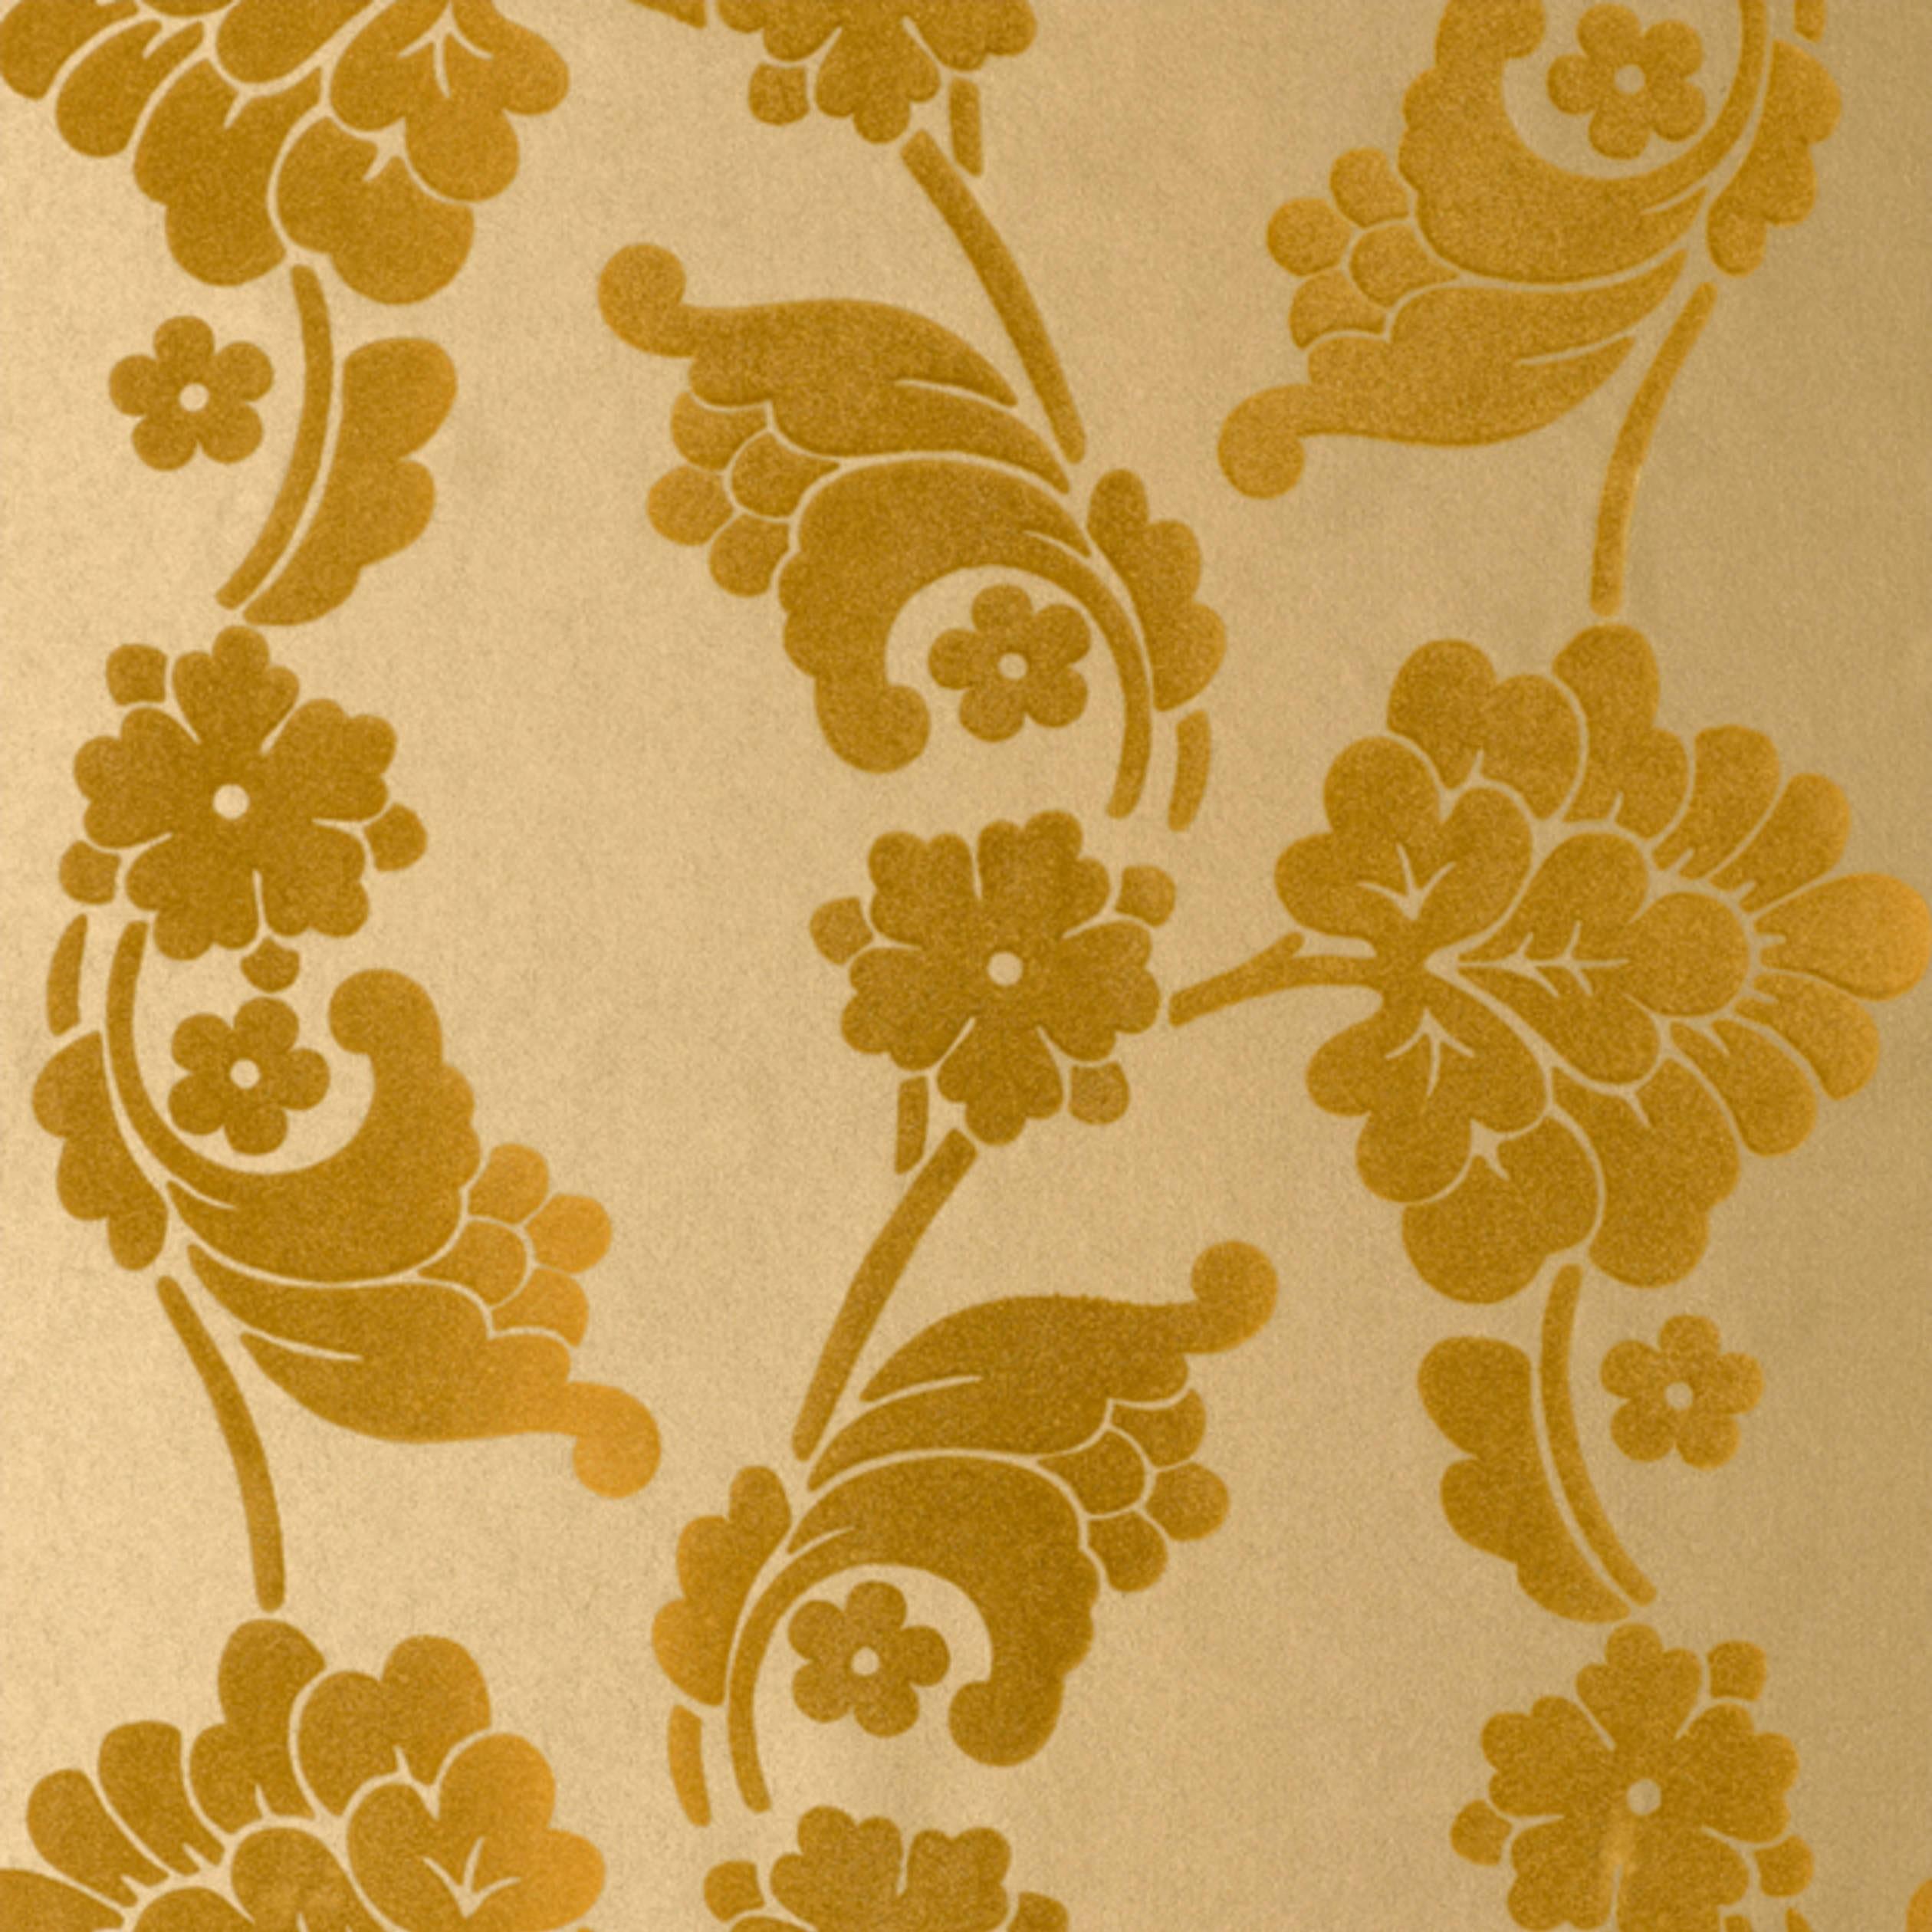 Velvet Jacquard Flock Gold AT10100 NW036